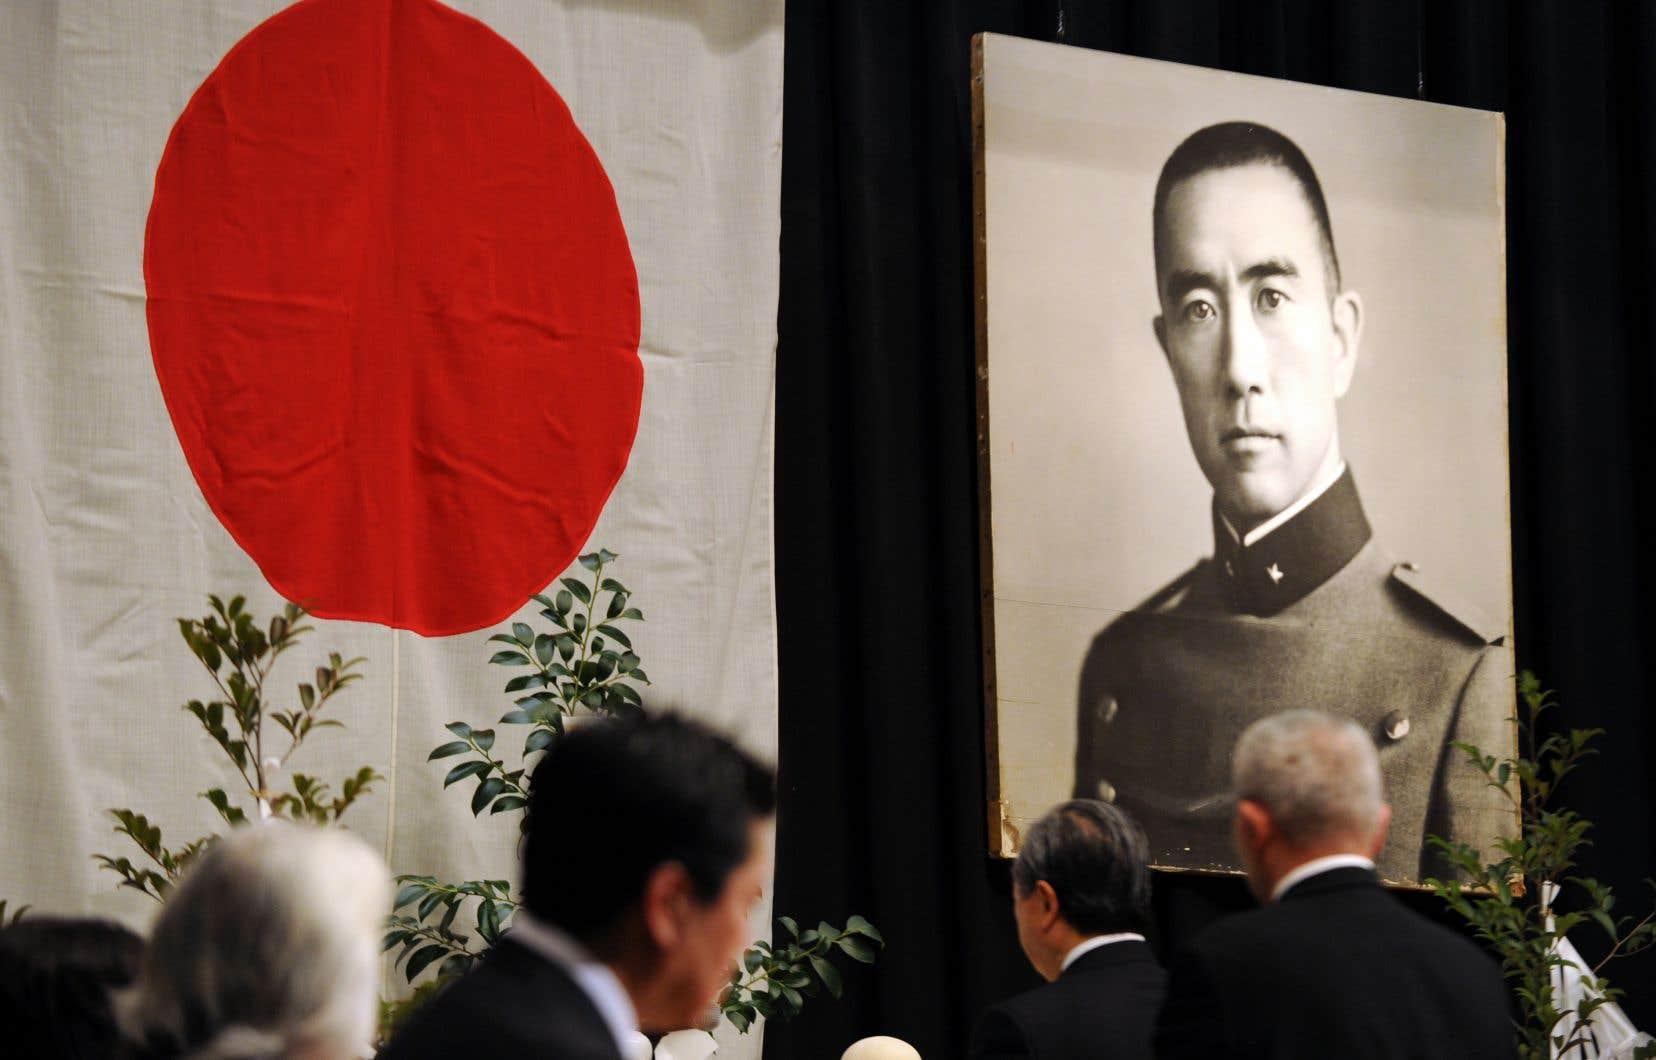 Une cérémonie, le 25novembre 2010, commémorait les 40ans du suicide de l'auteur.